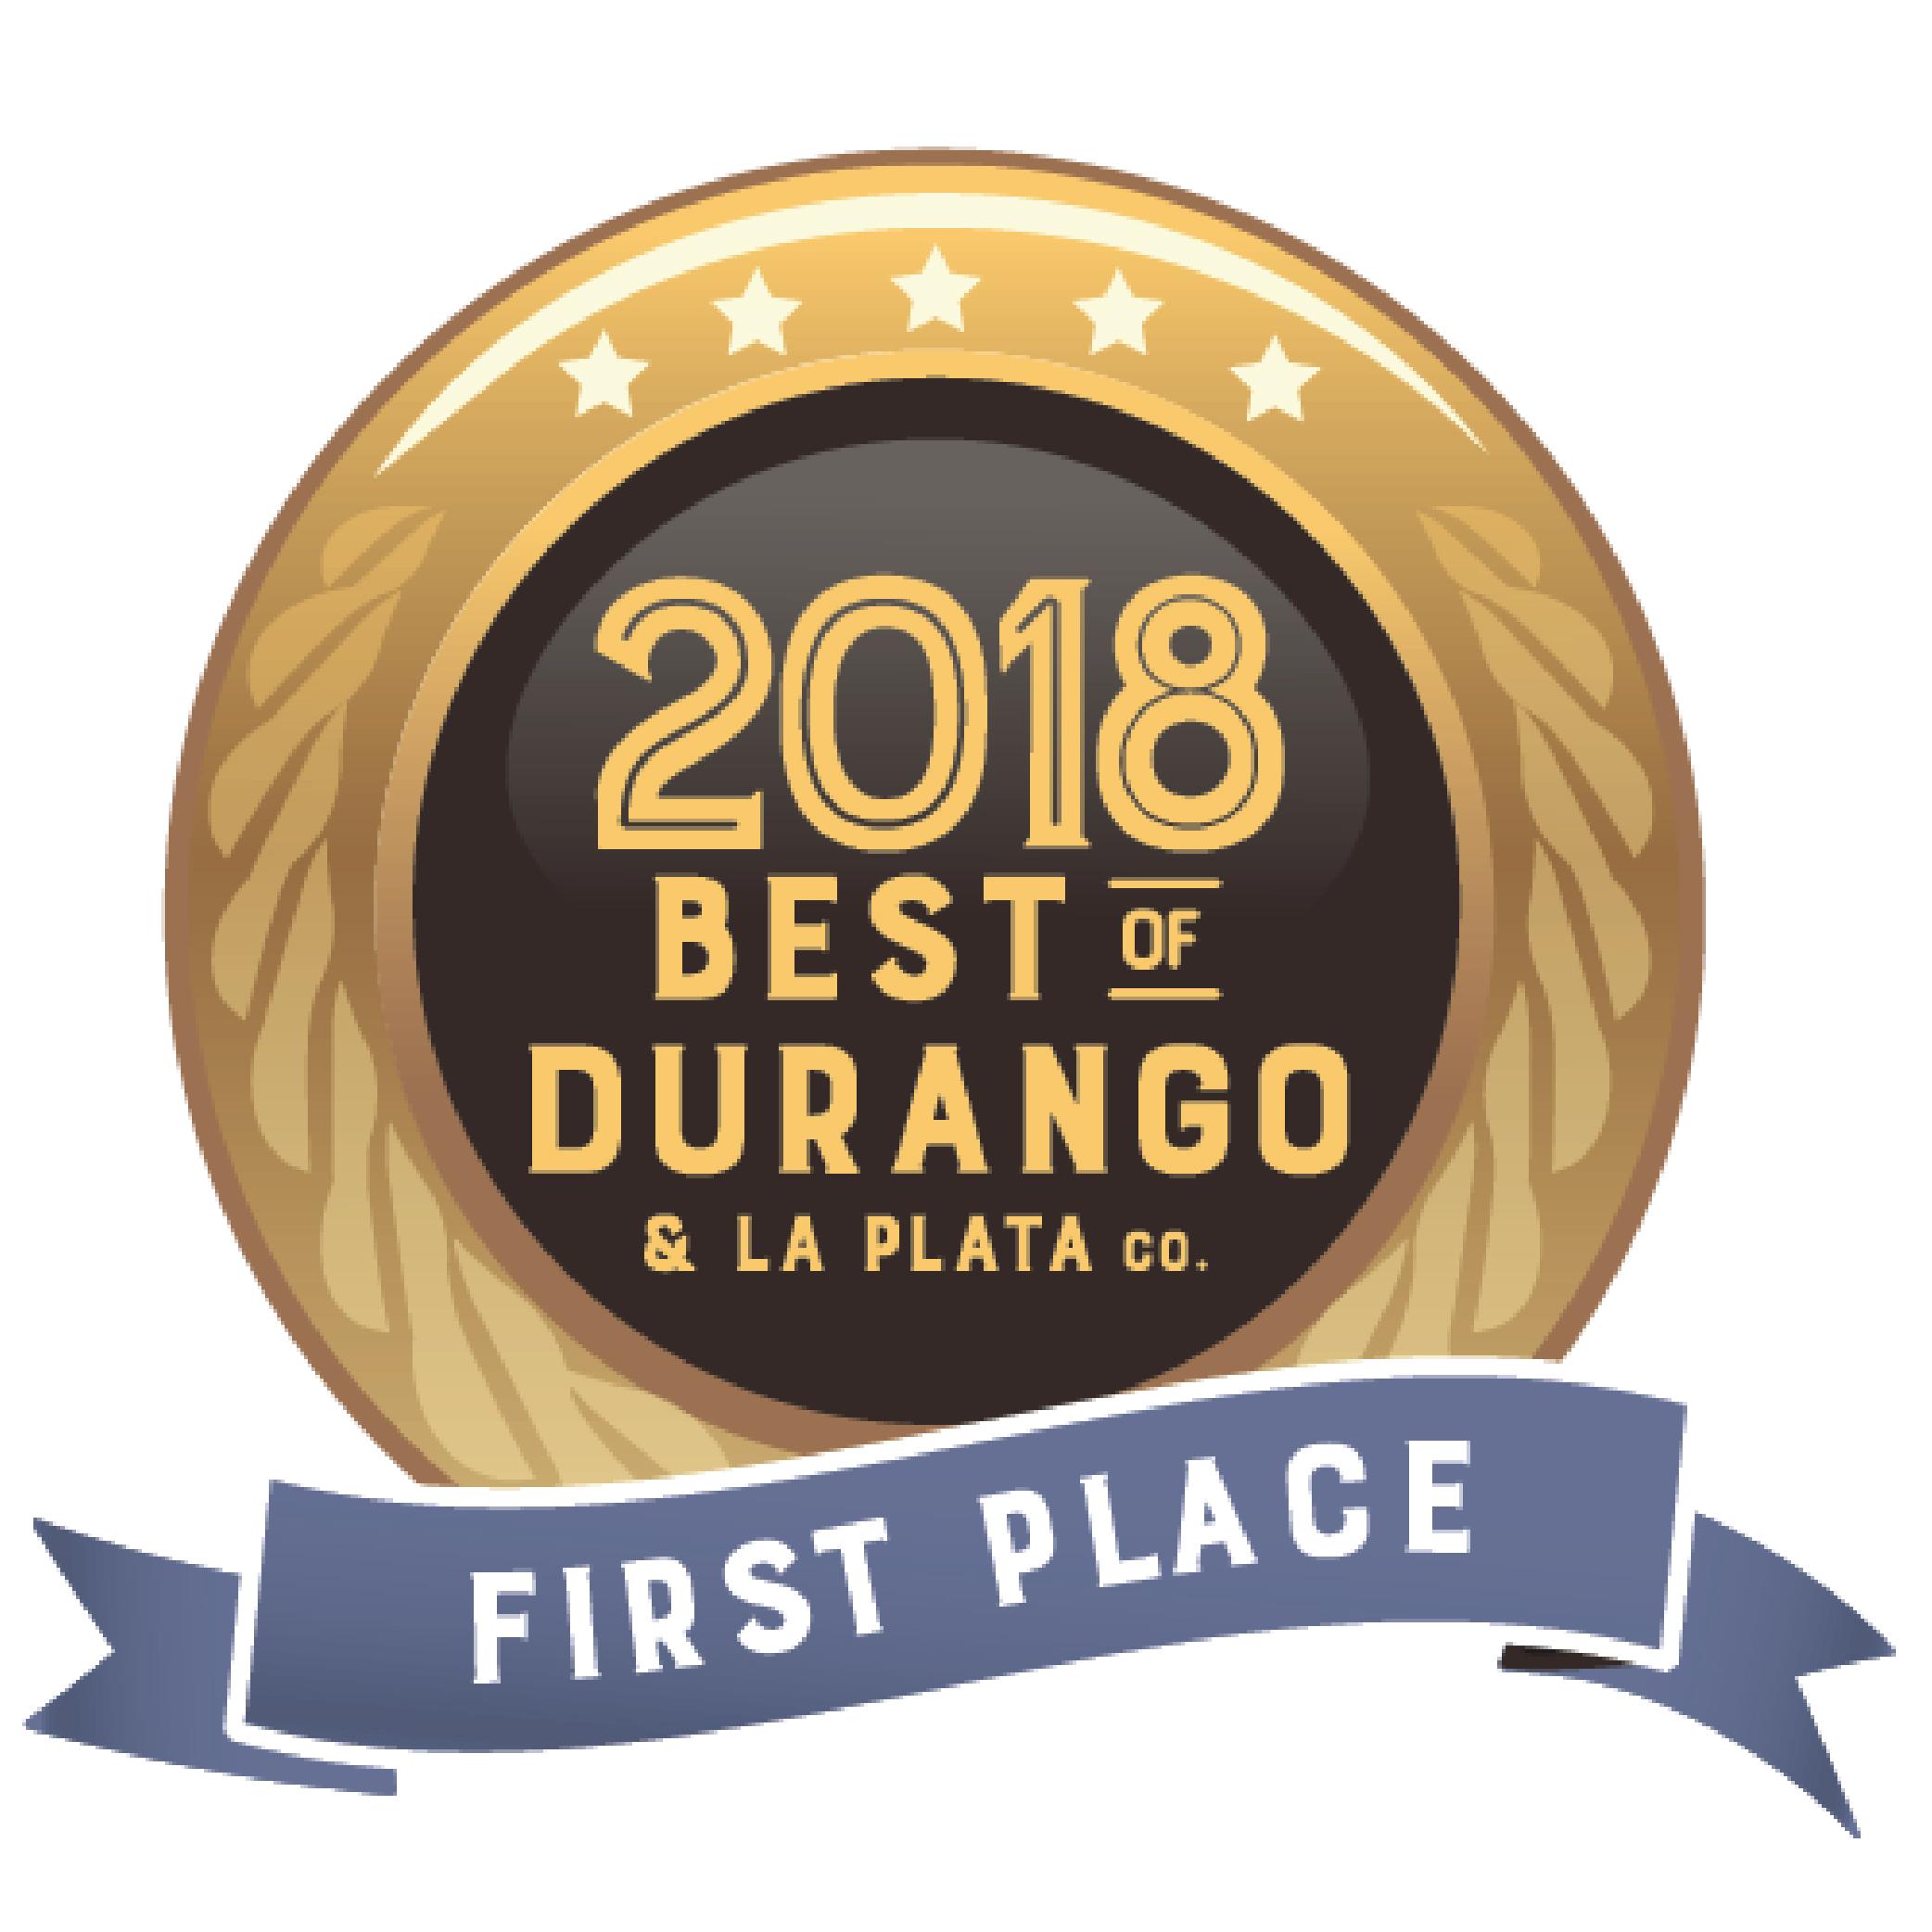 Best of Durango Award 2018